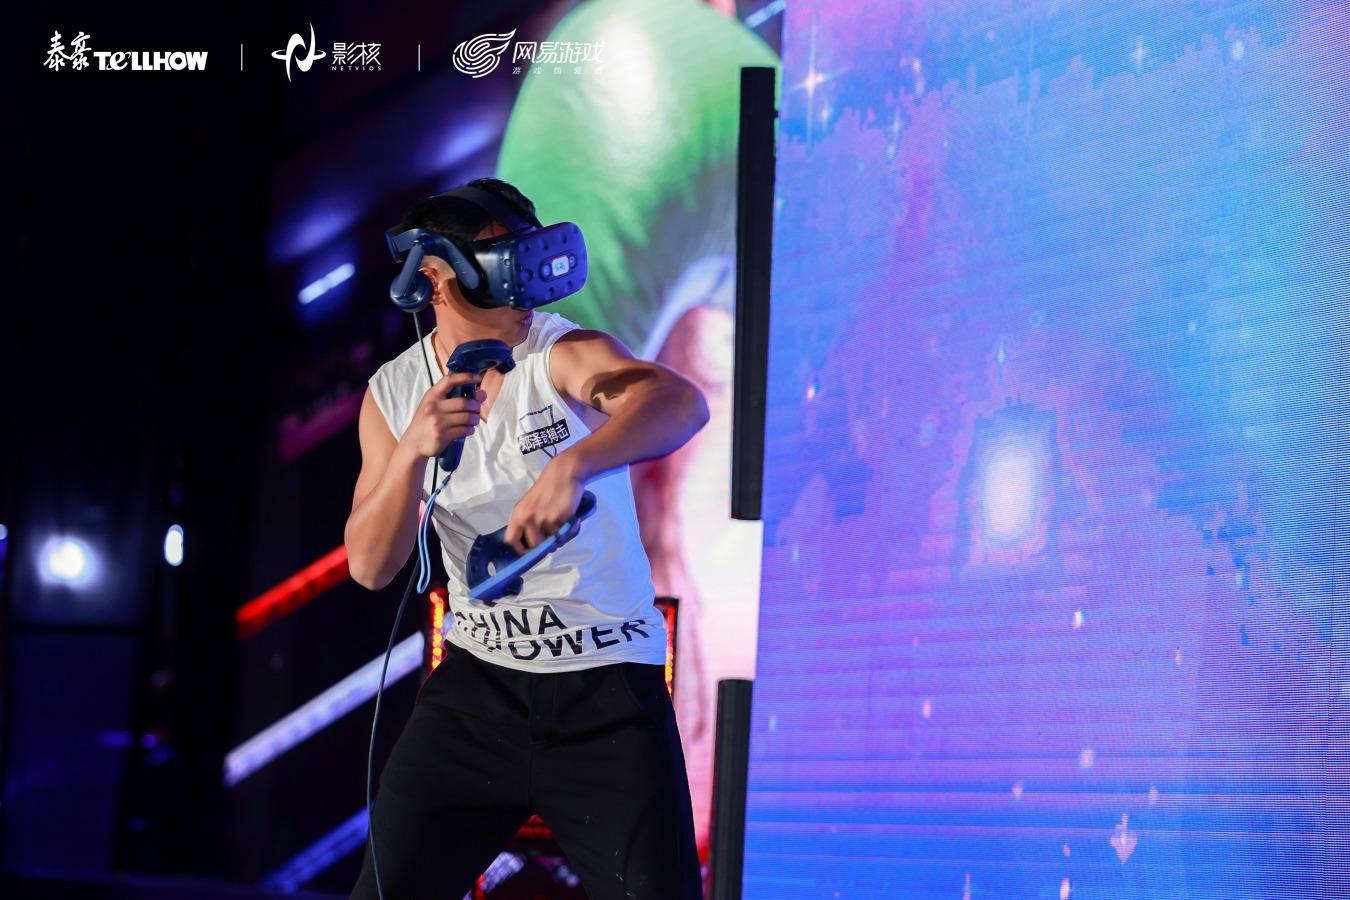 """体育年的VR新契机,网易影核引领""""VR+运动""""新浪潮"""